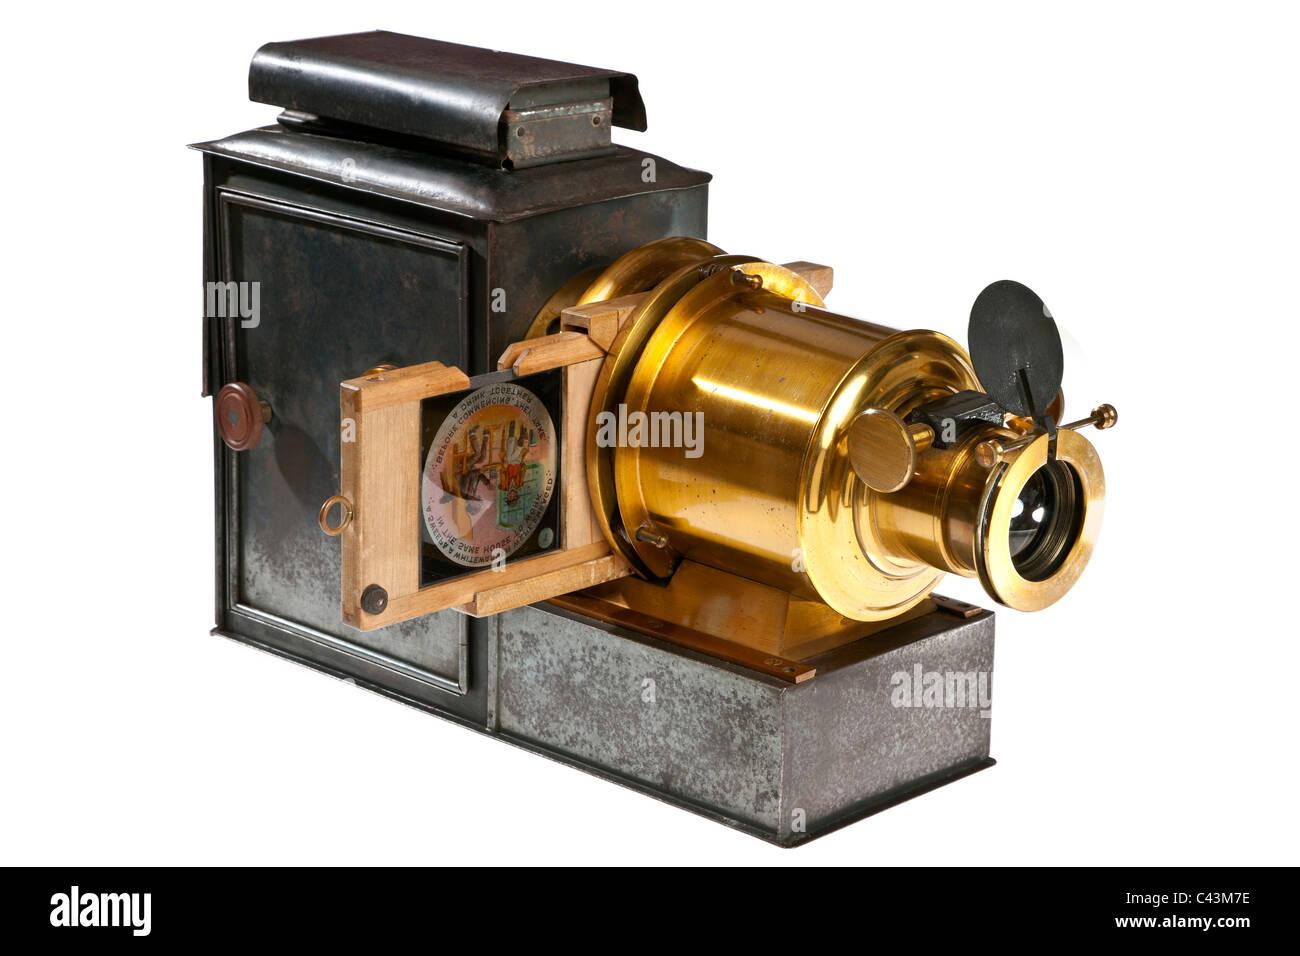 Œuvres d'art, objets rares, insolites et précieux... à bord Projecteur-de-diapositives-de-lanterne-magique-19e-siecle-jmh4931-c43m7e